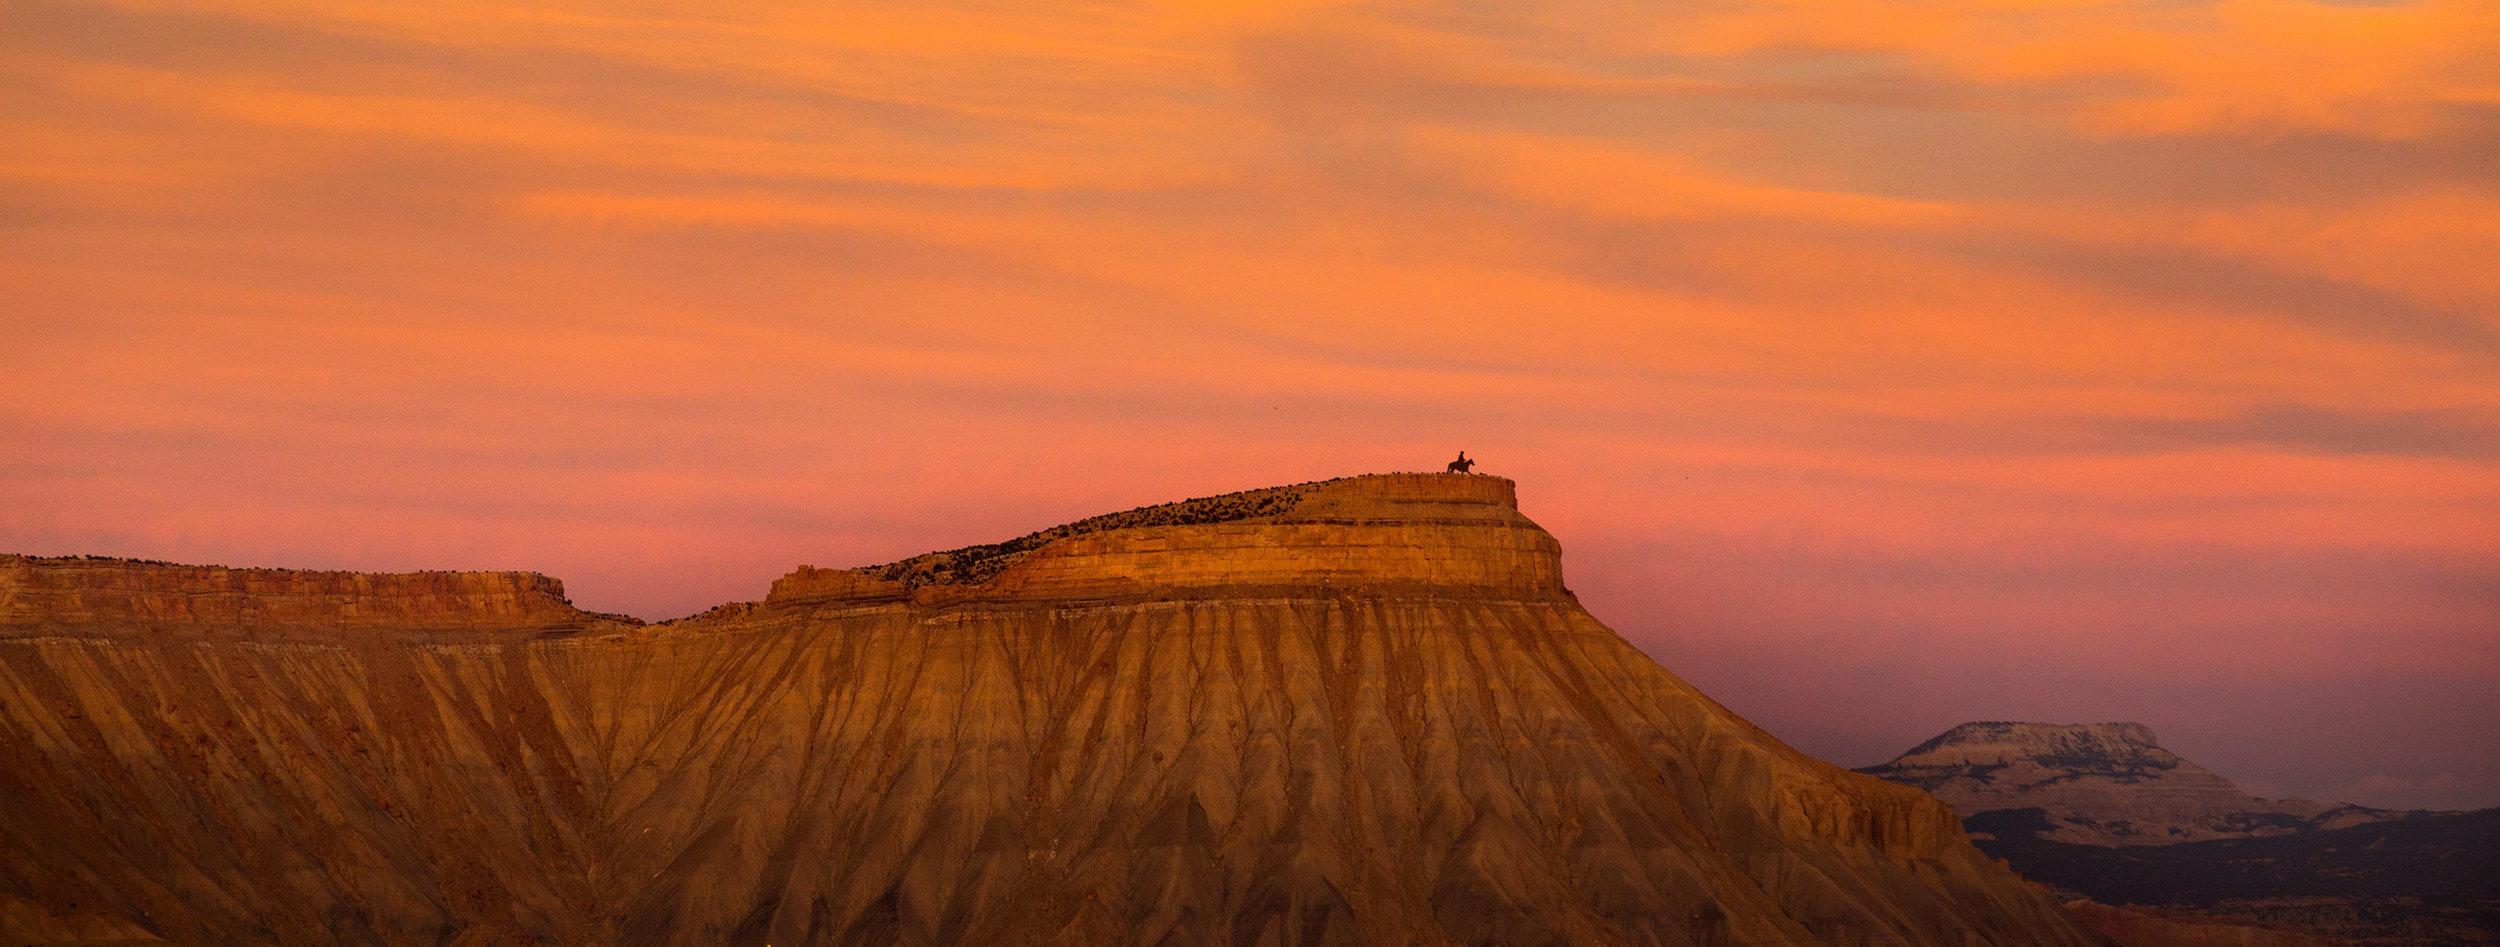 west landscape